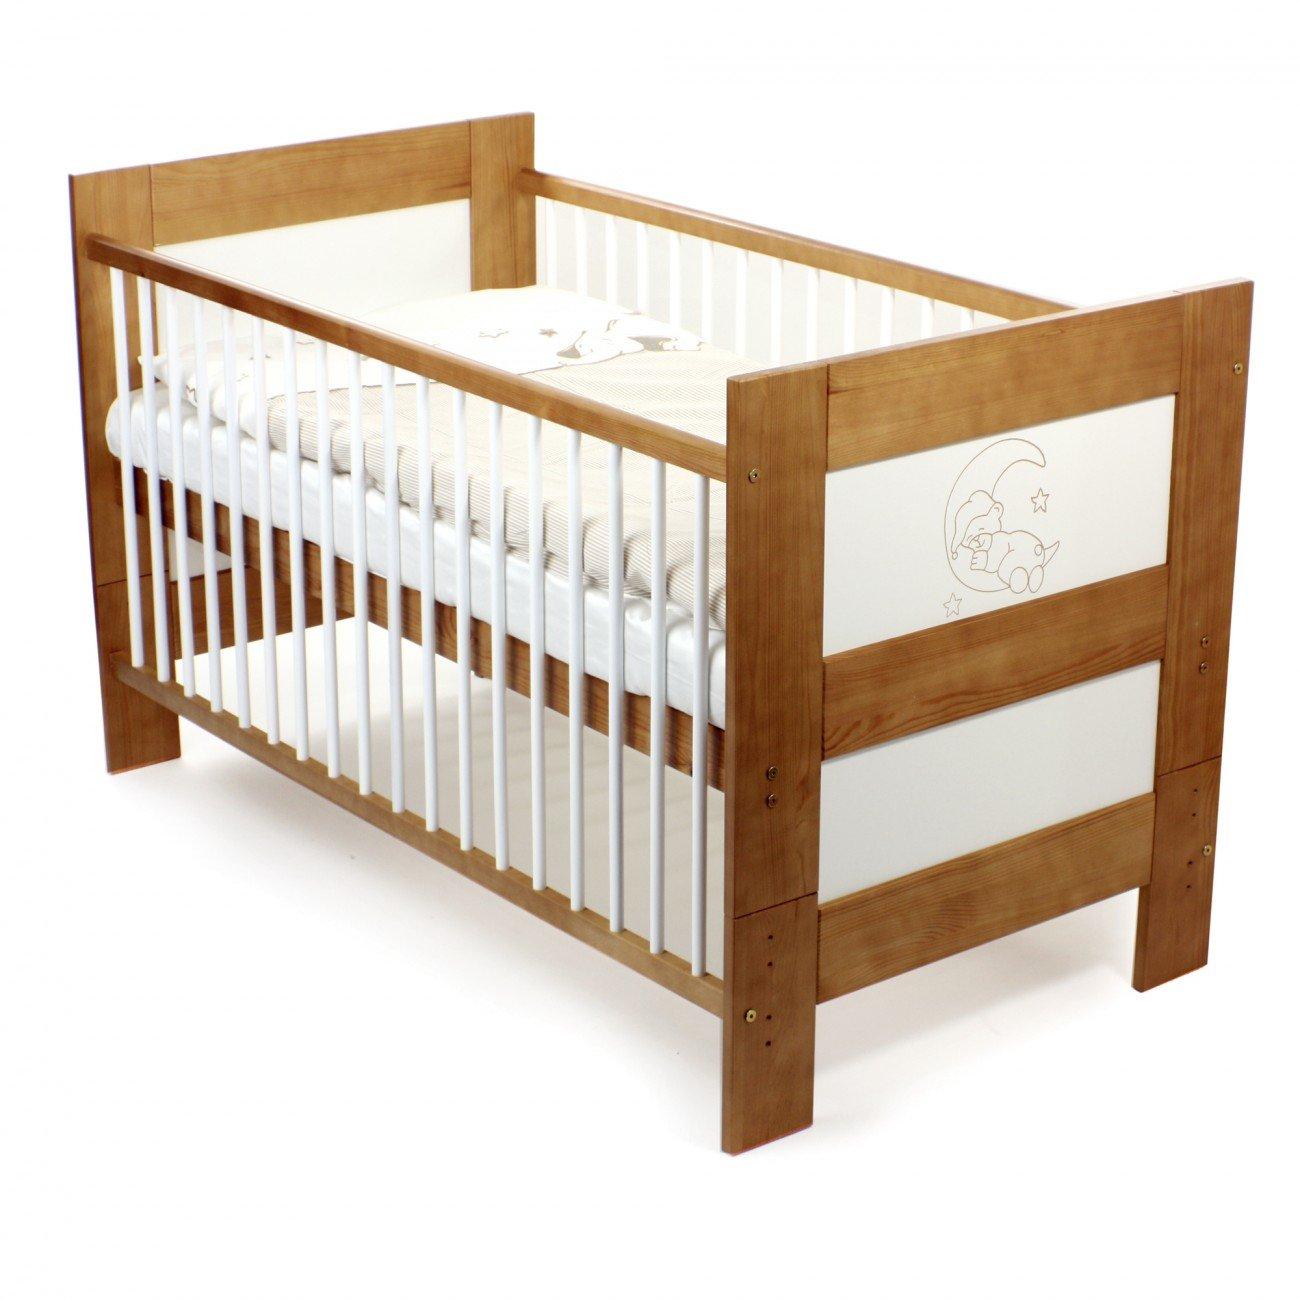 Baby Balkon | Umbaubare Babybetten So Einfach Ein Familienbett Gestalten